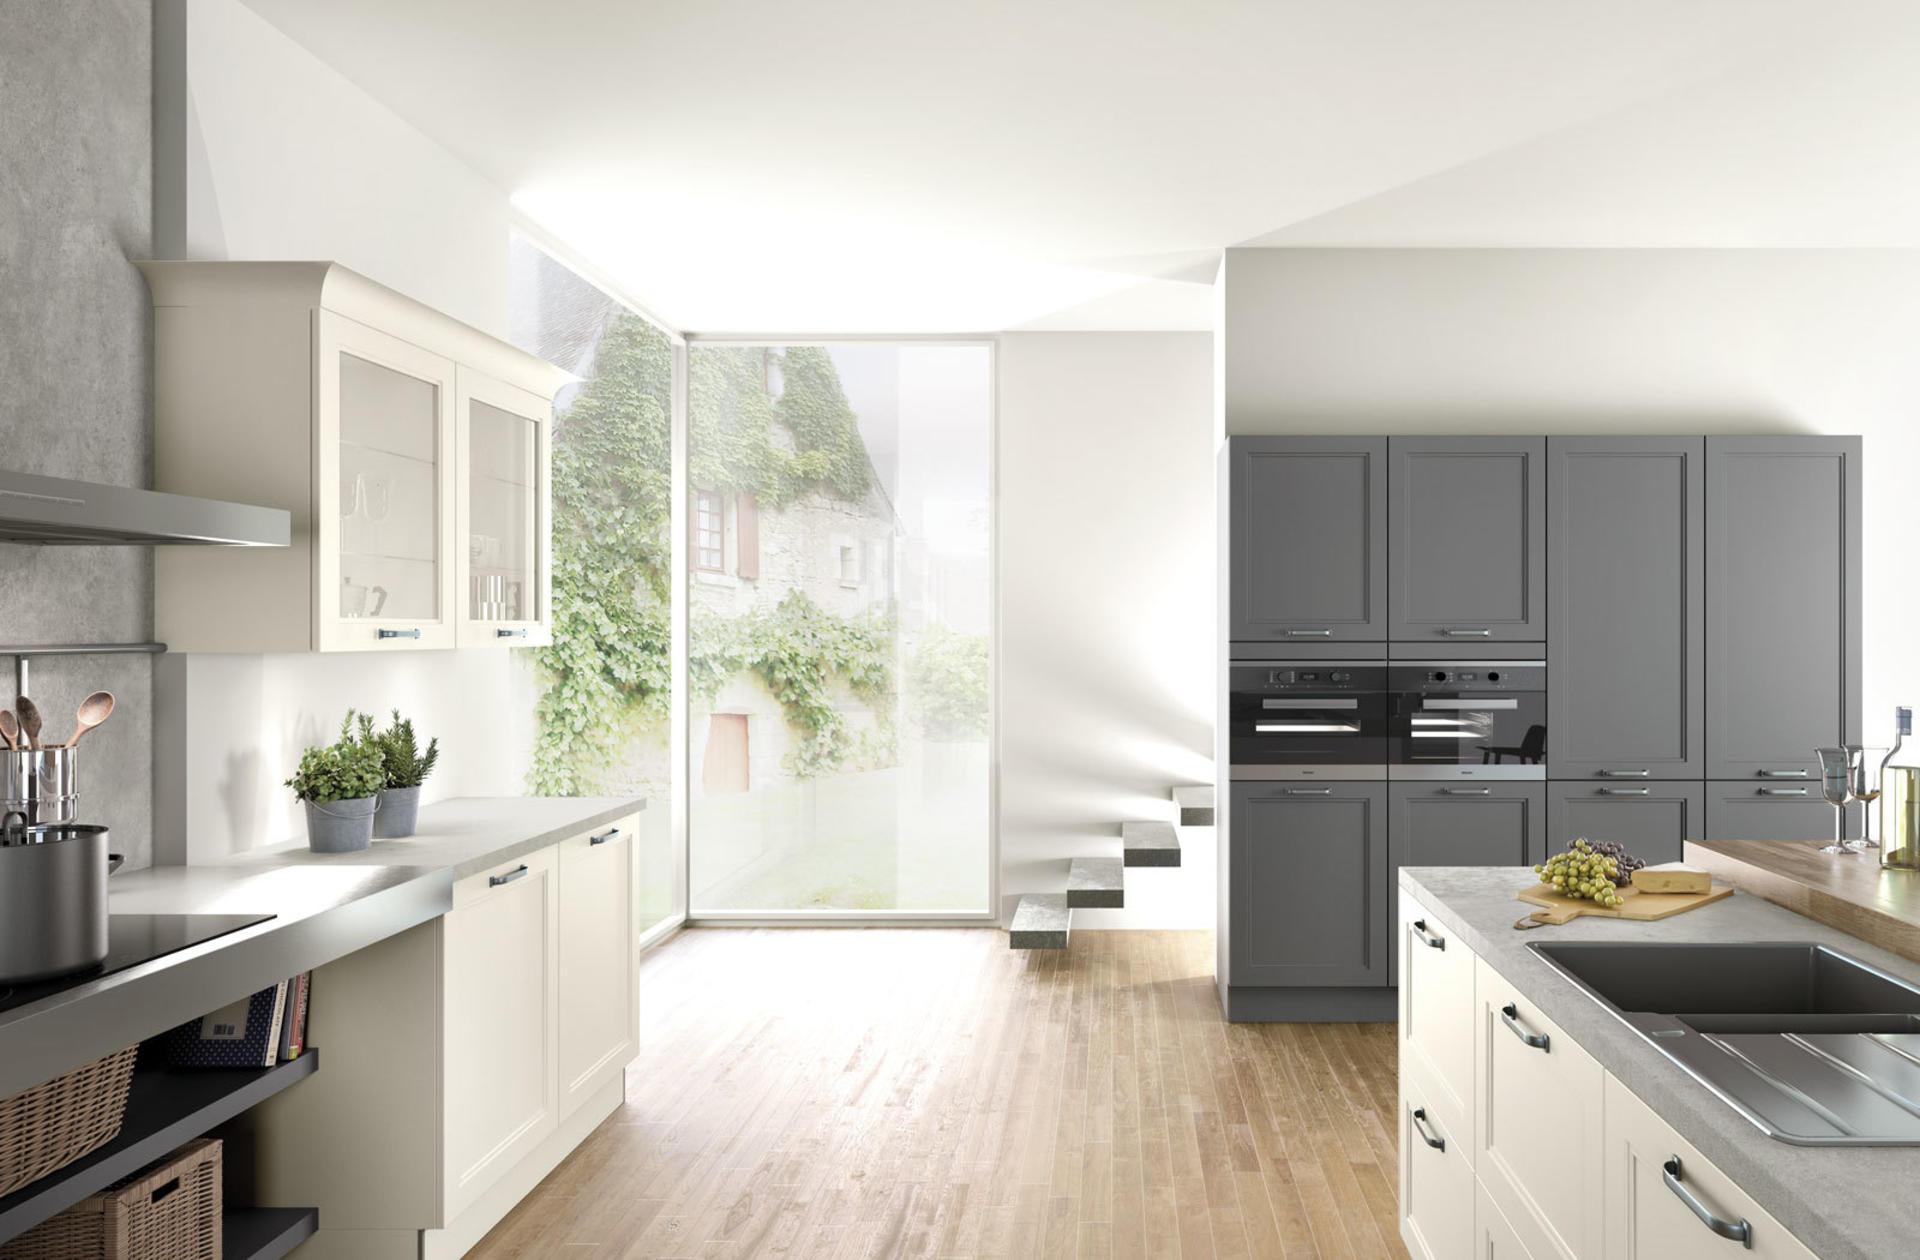 Кухни Häcker, Magnolia satin lacquer | Lava grey satin lacquer | 5035, фото 2